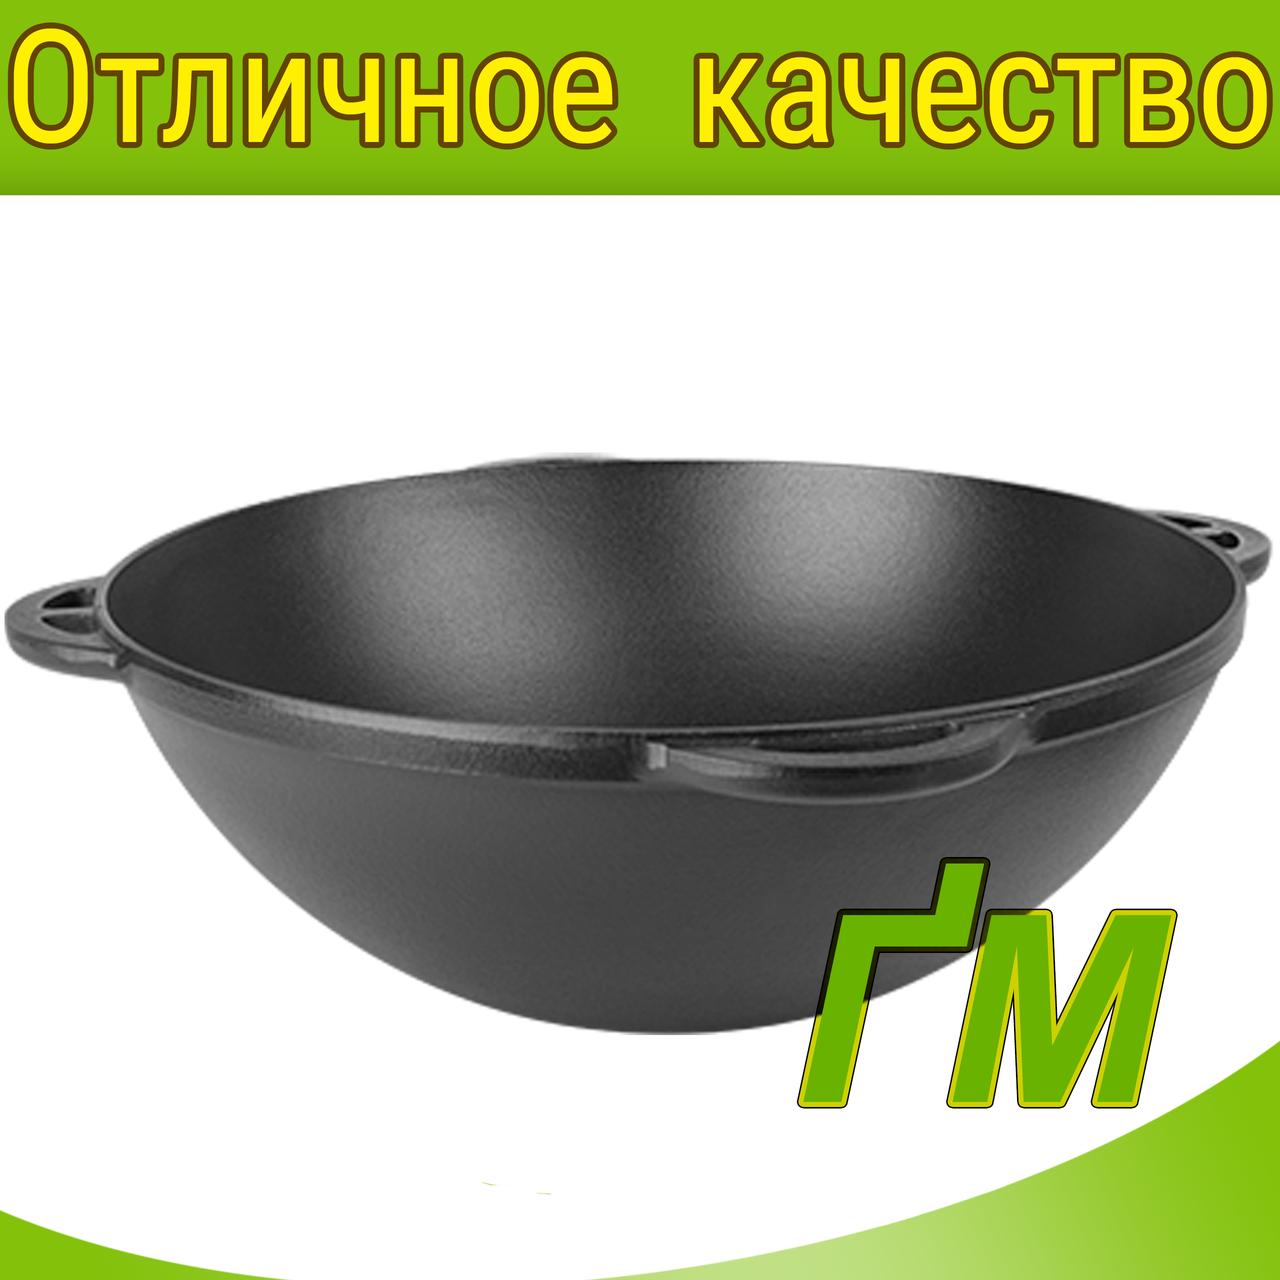 Казан азиатский (матовая эмаль), 10 л.